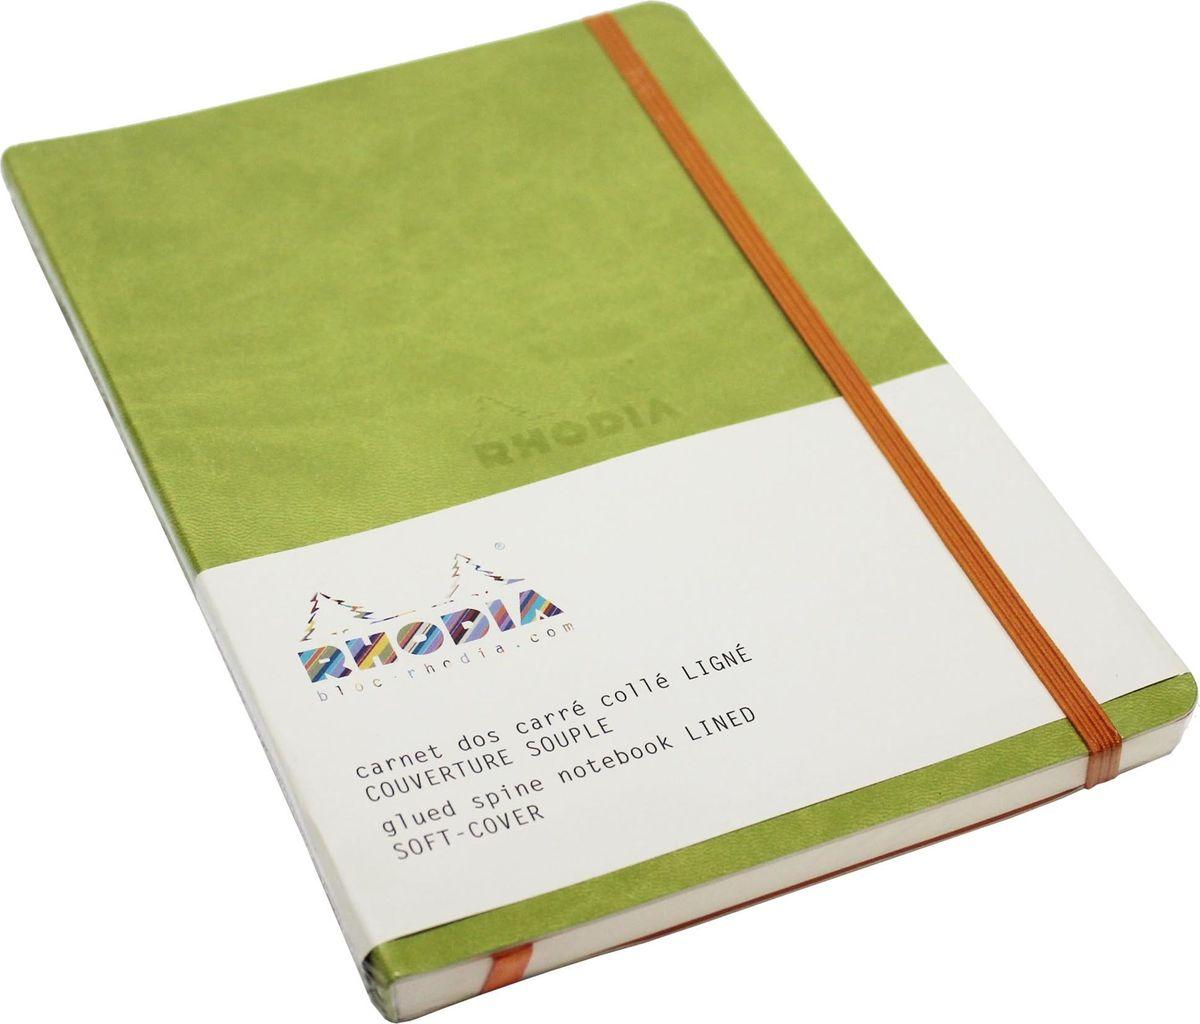 Rhodia Записная книжка 80 листов в линейку цвет зеленый117406СЯркая записная книжка Rhodia станет прекрасным подарком для каждого. Обложка блокнота выполнена в мягком зеленом цвете, изготовлена из искусственной итальянской кожи. Листы блокнота гладкие, приятные на ощупь, цвета слоновой кости. Также у записной книжки есть шелковая закладка и фиксирующая резинка.